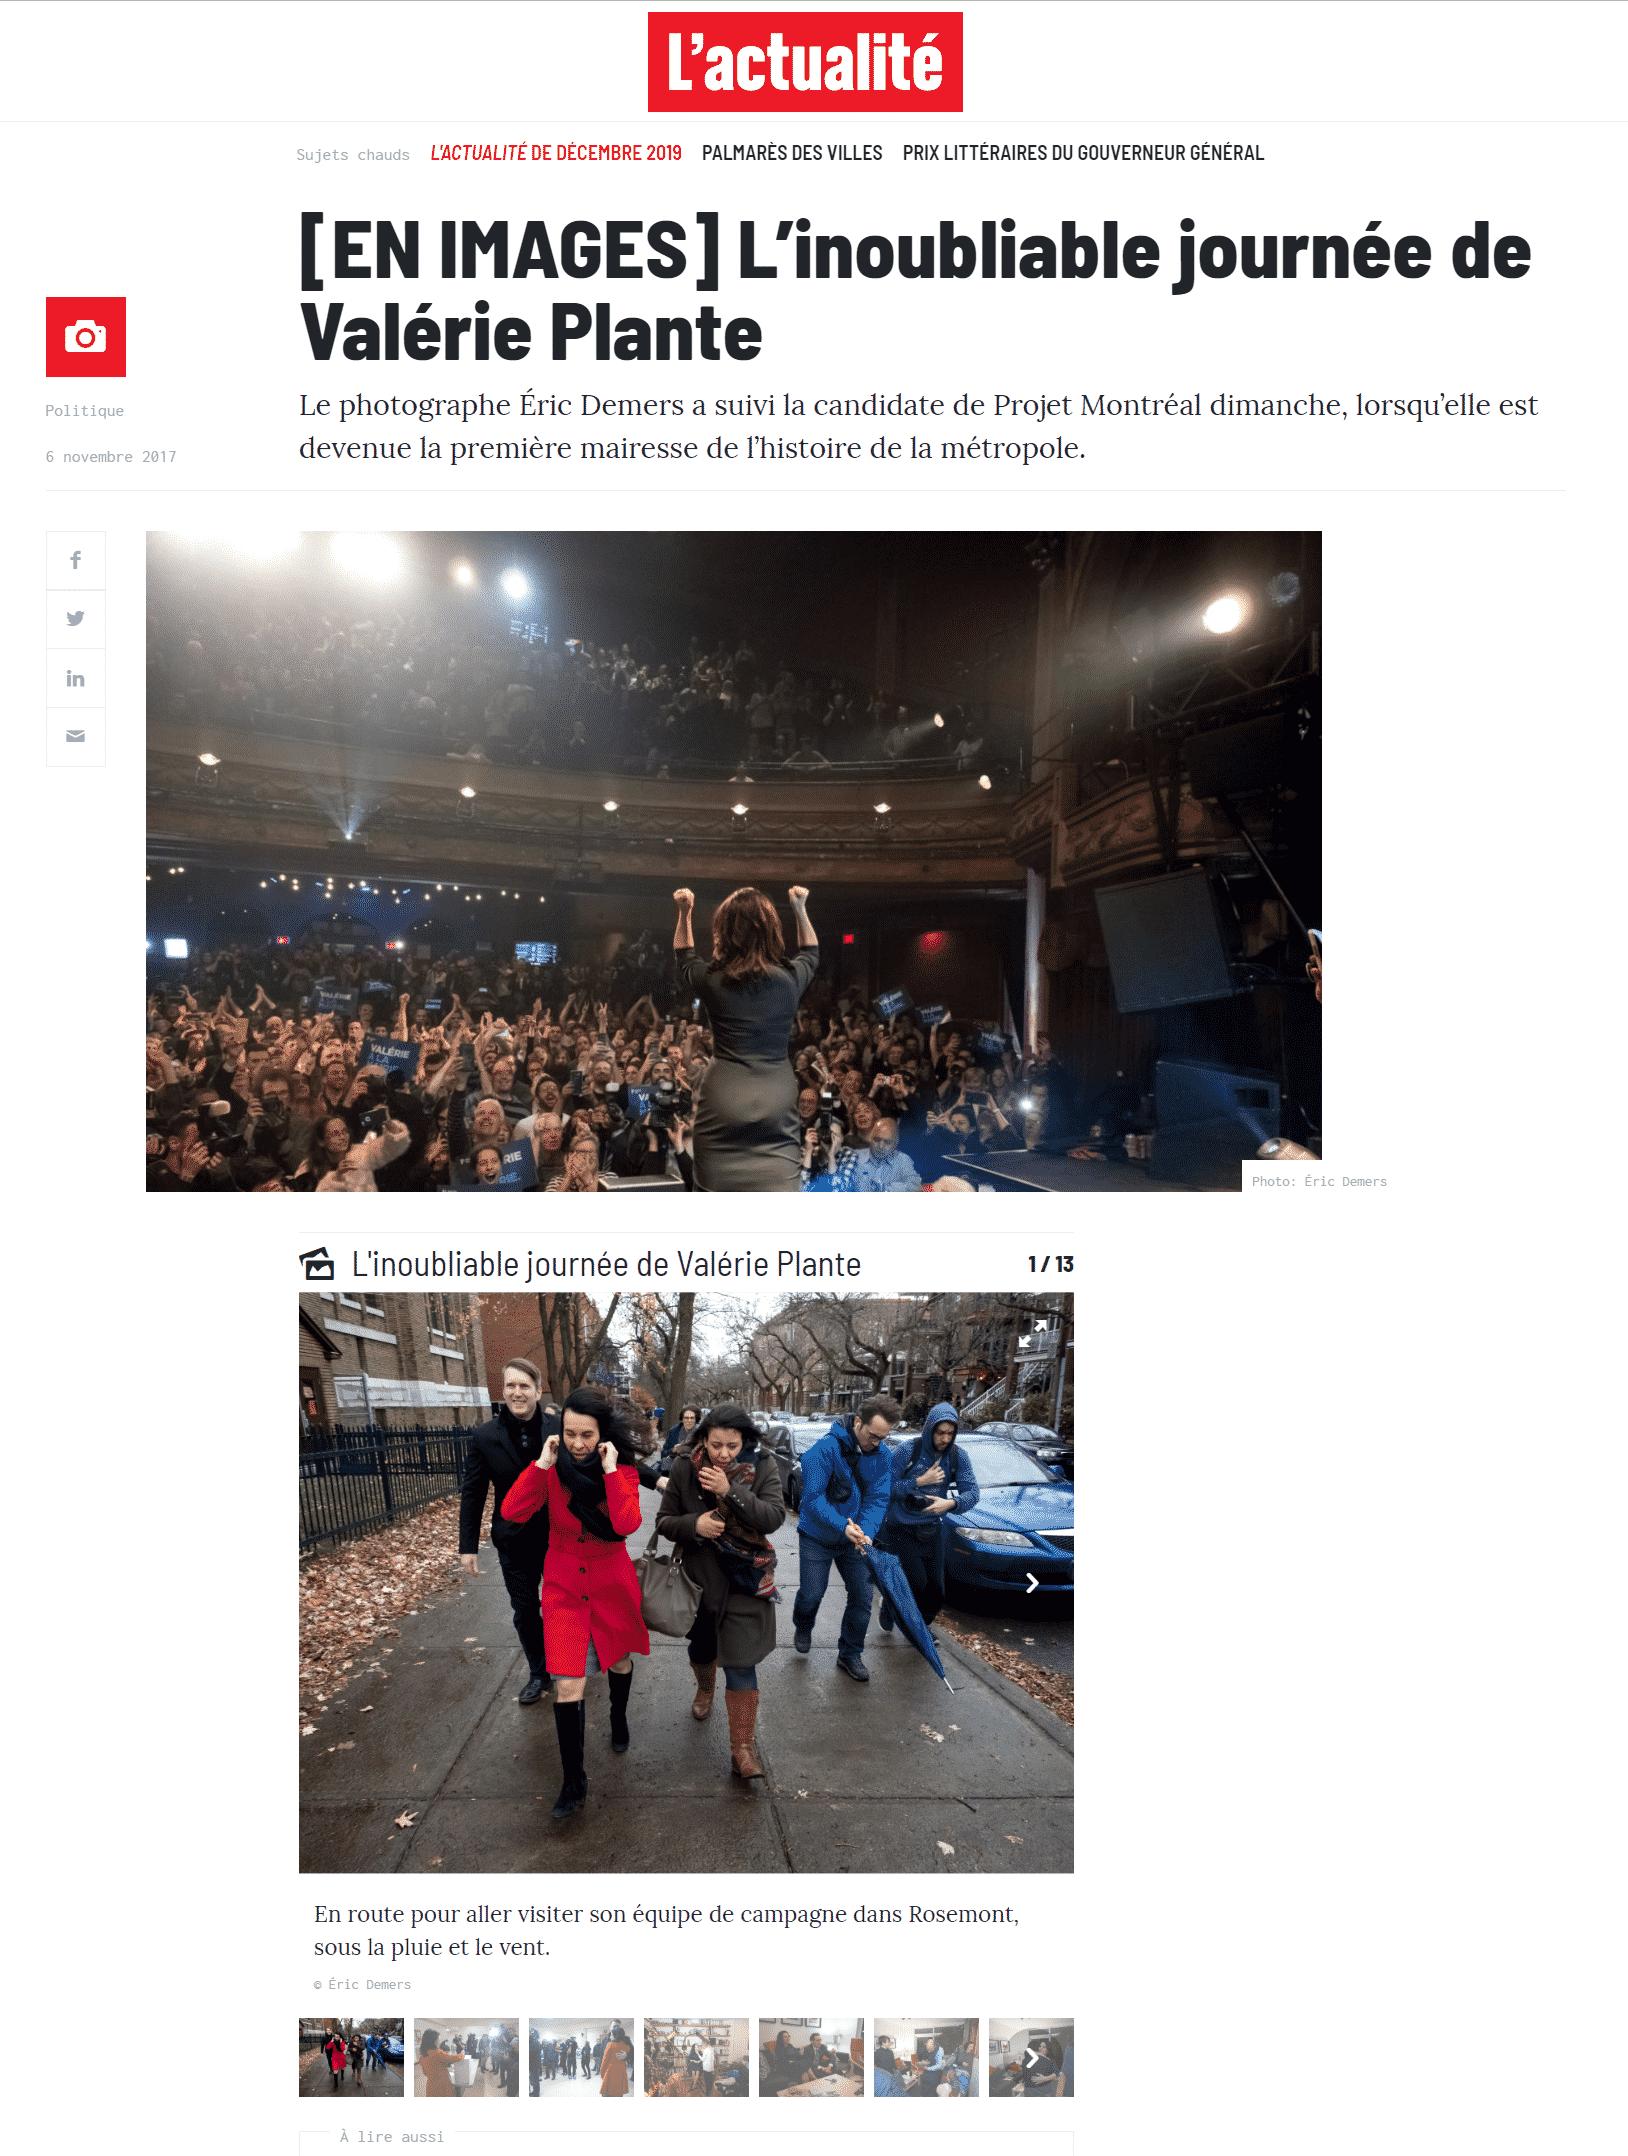 L'actualité 6 novembre 2017